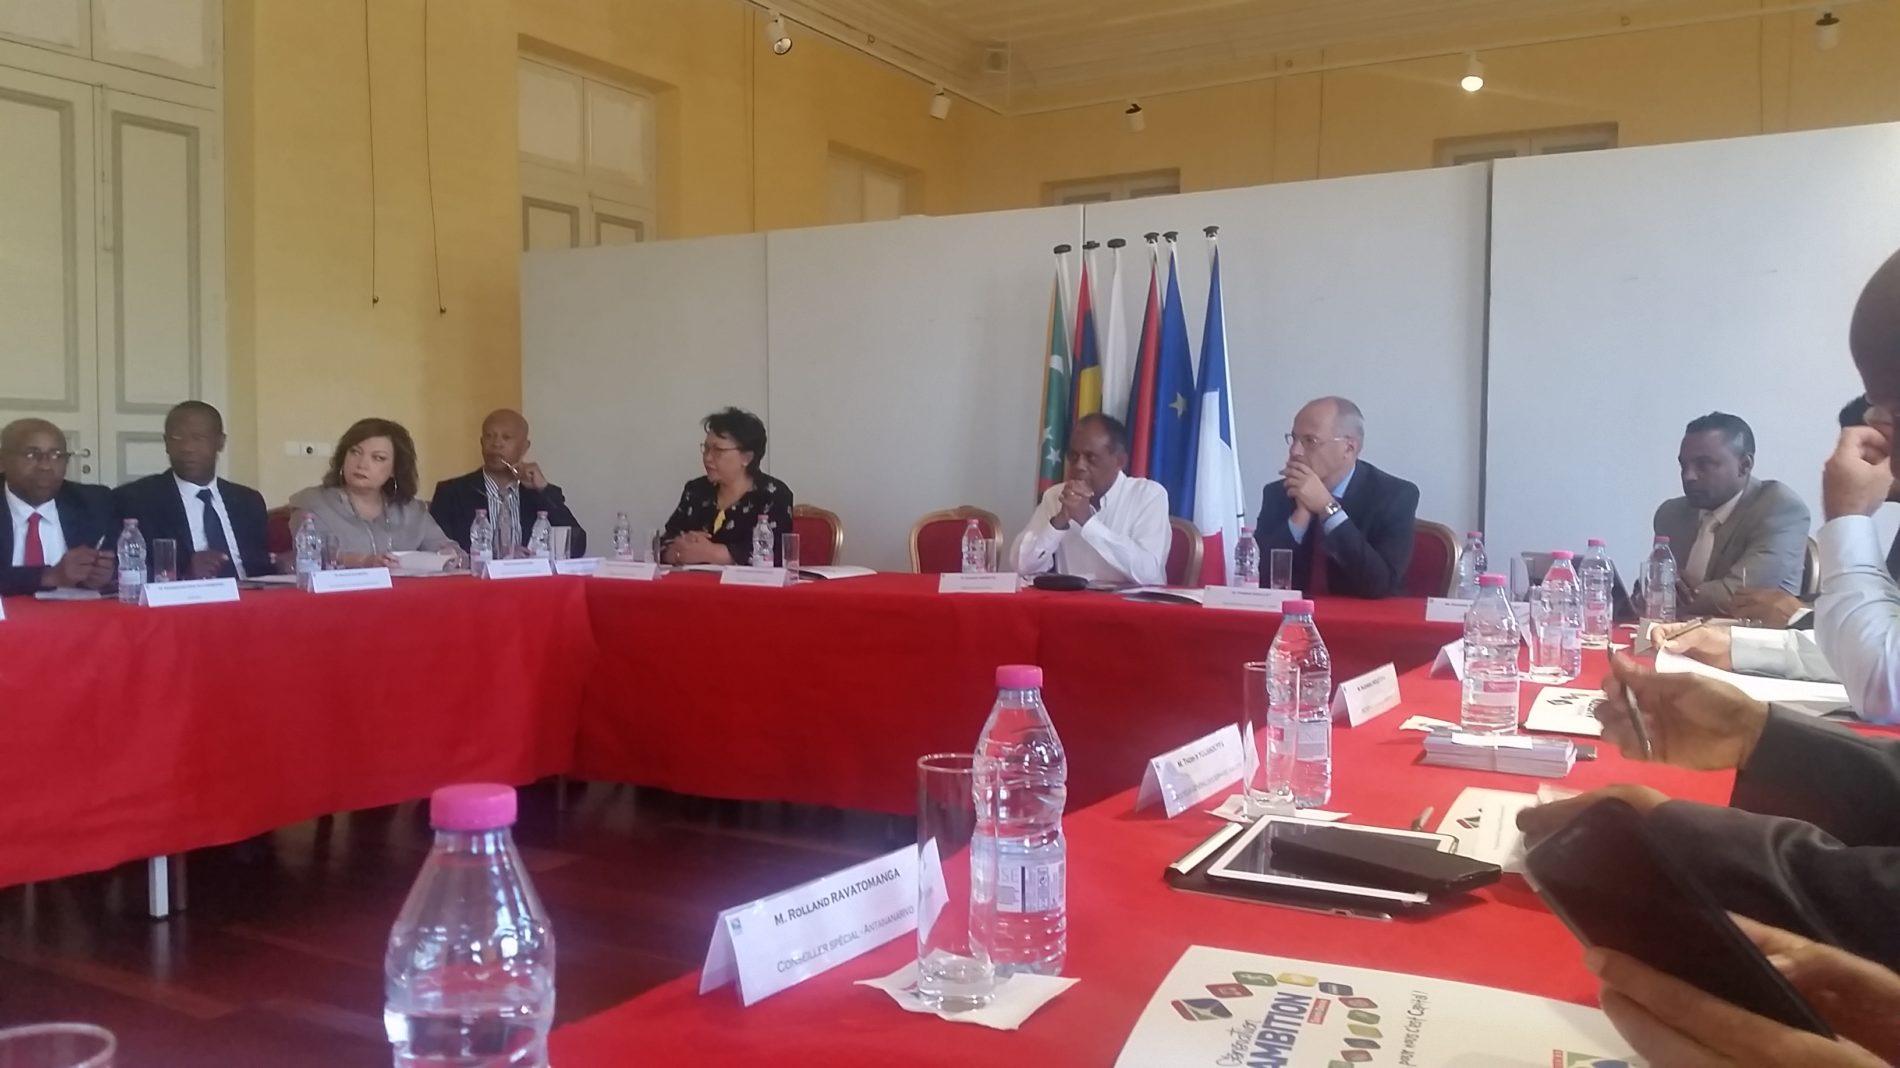 Île de la Reunion: Assisses du bureau de l'association des villes et communes de l'océan indien à saint-denis